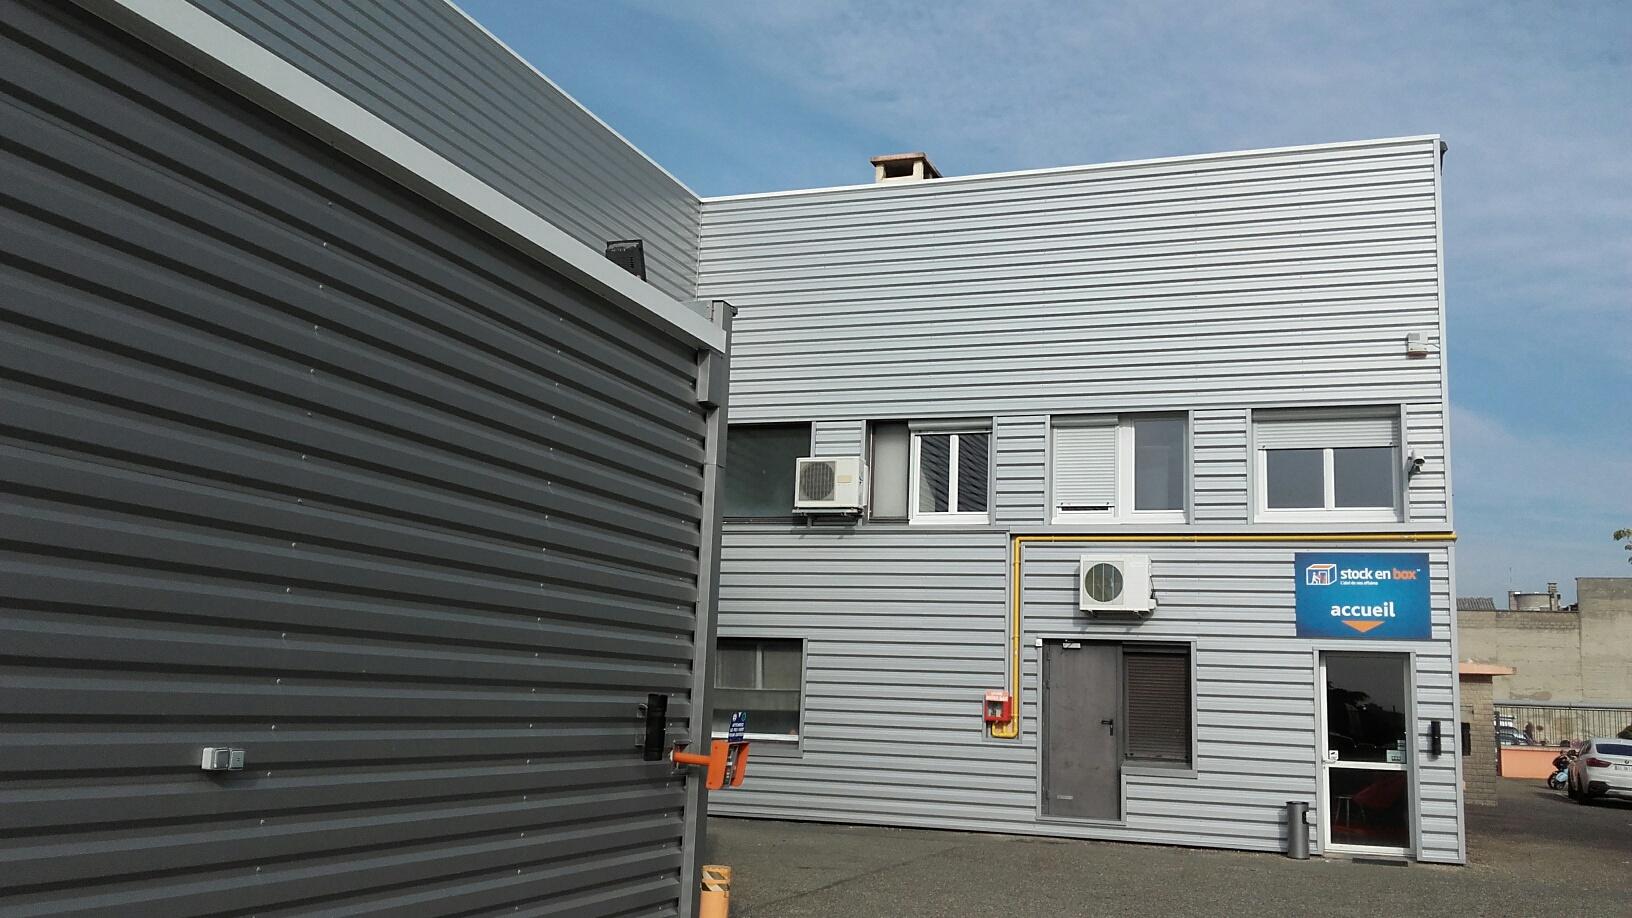 facade-stockenbox